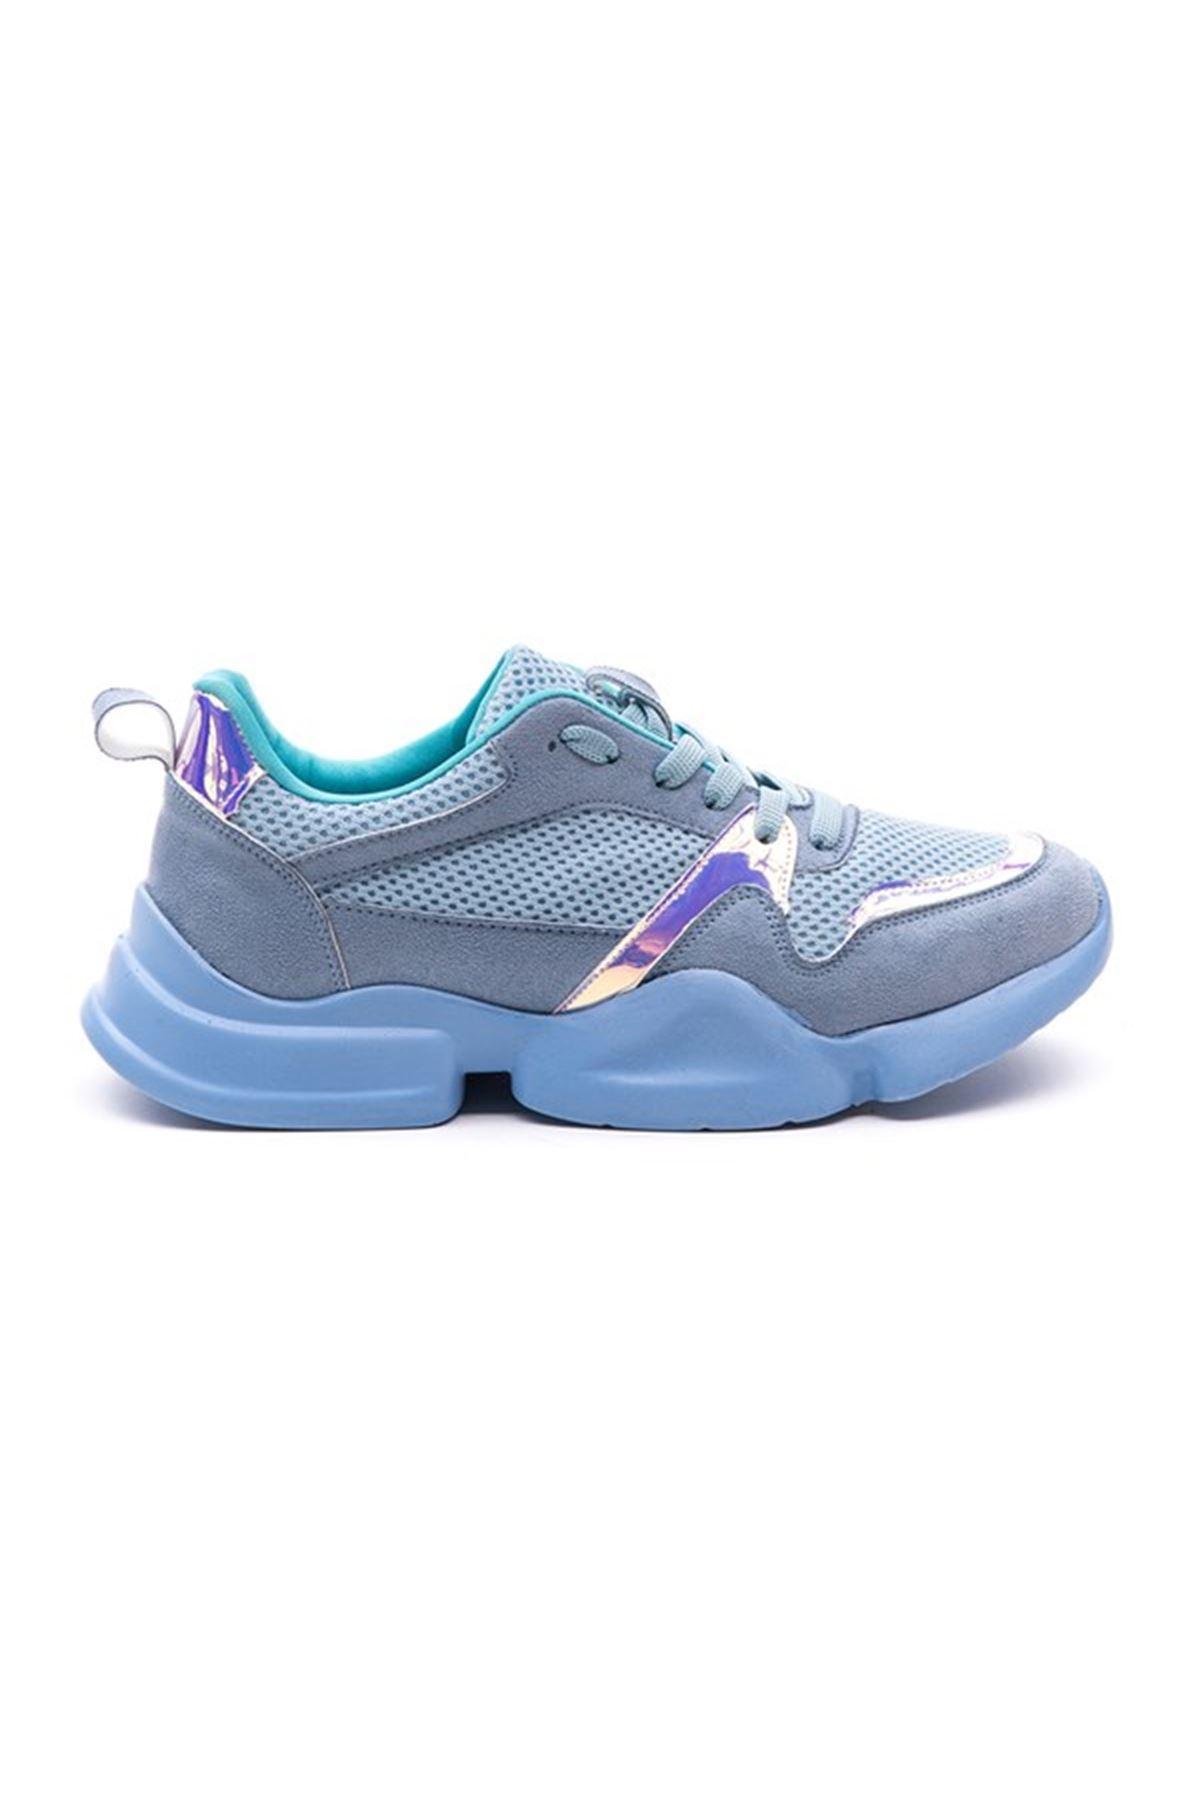 Asuela Süet Hologram Detay Bayan Spor Ayakkabı Mavi